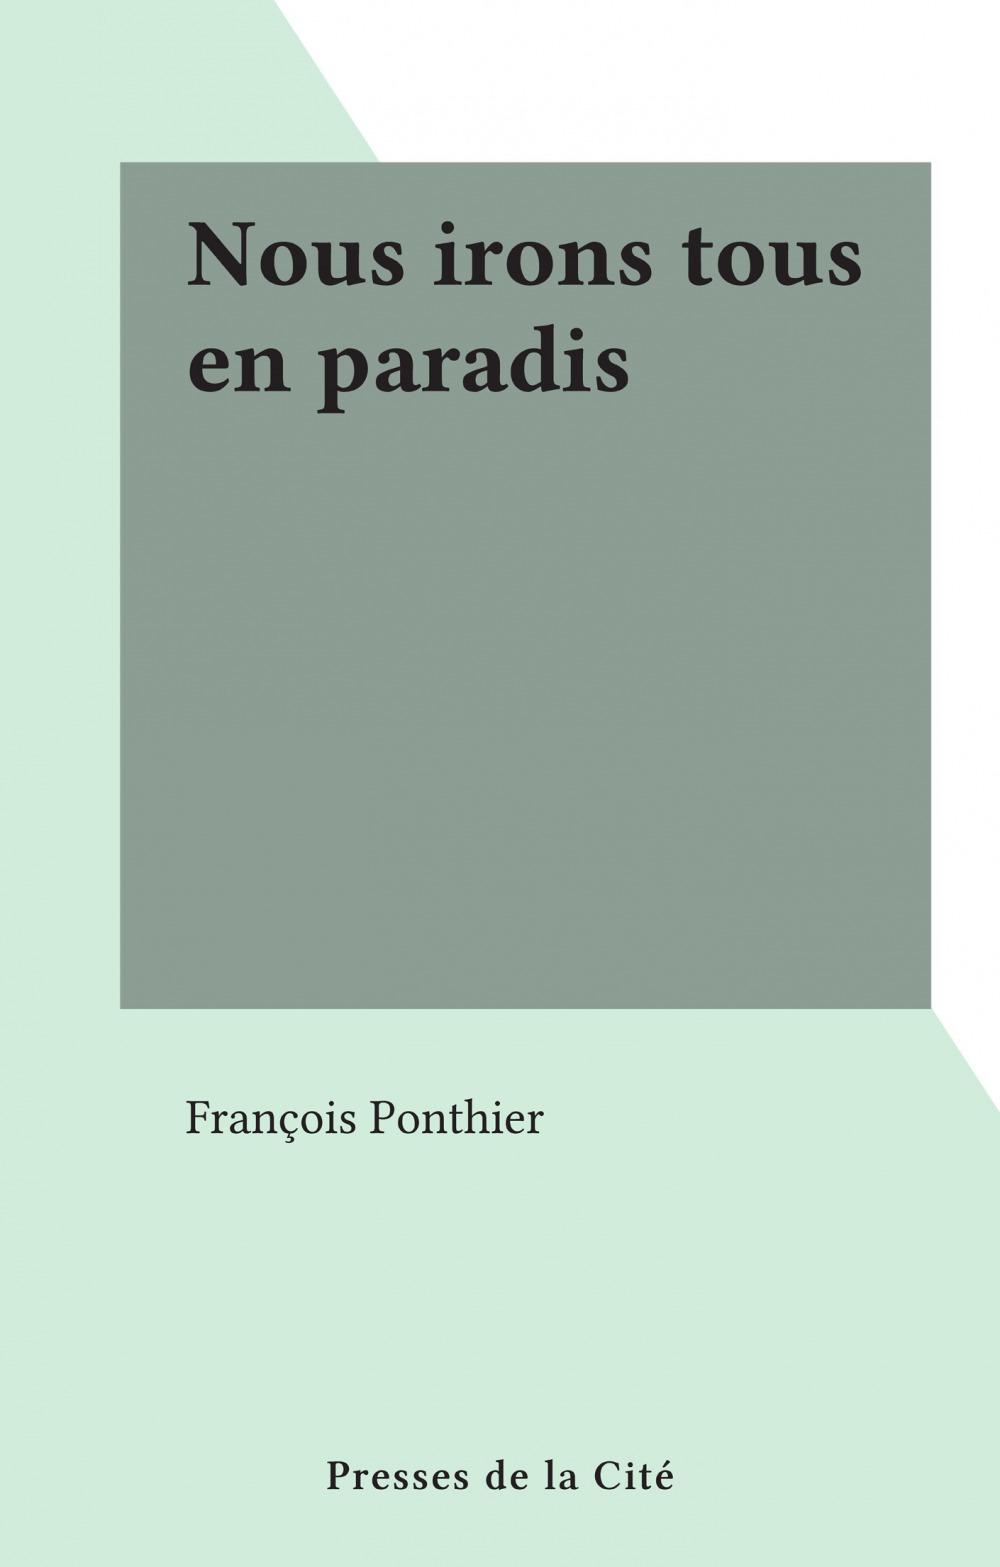 Nous irons tous en paradis  - François Ponthier